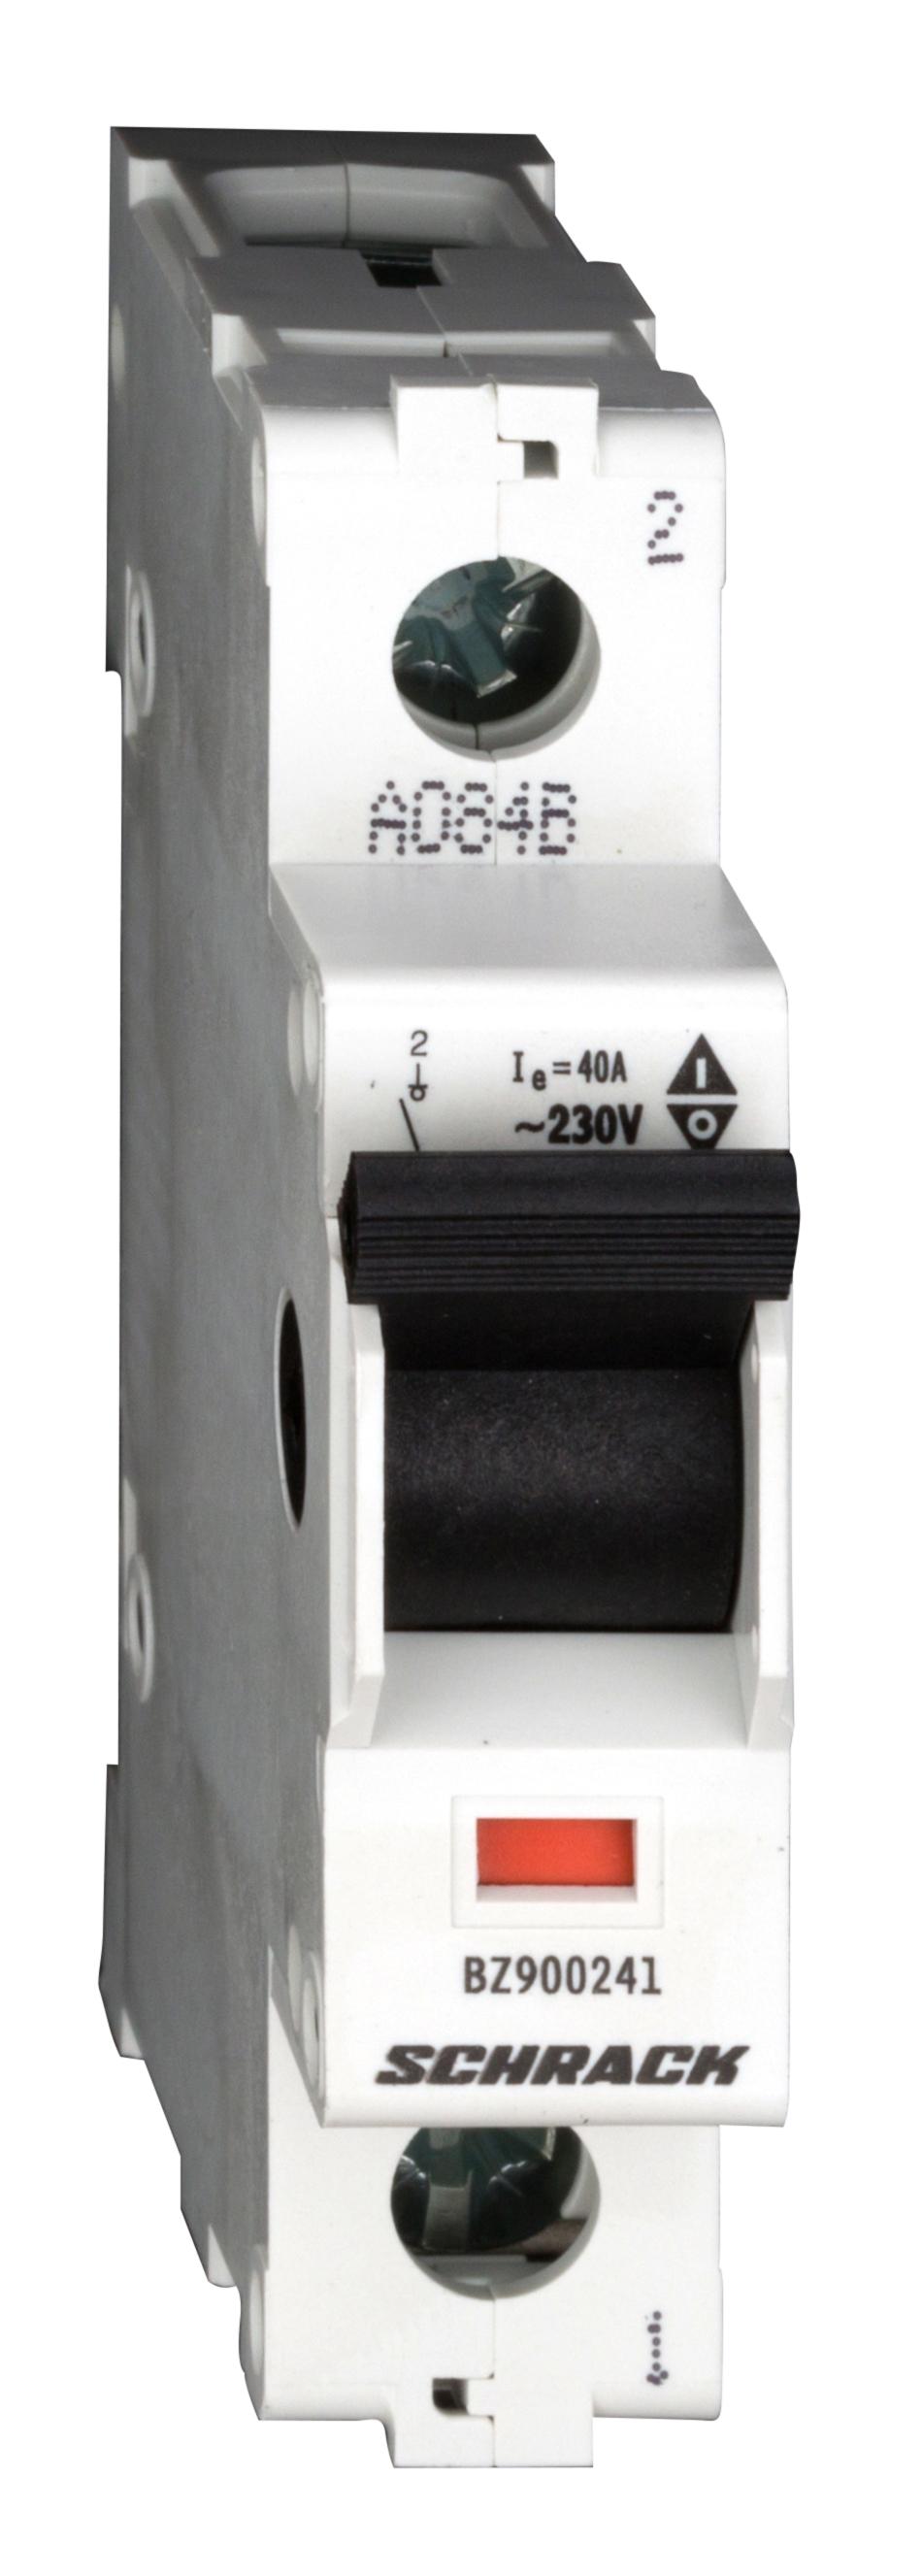 1 Stk Hauptlasttrennschalter, isoliert, 40A, 1-polig BZ900241--